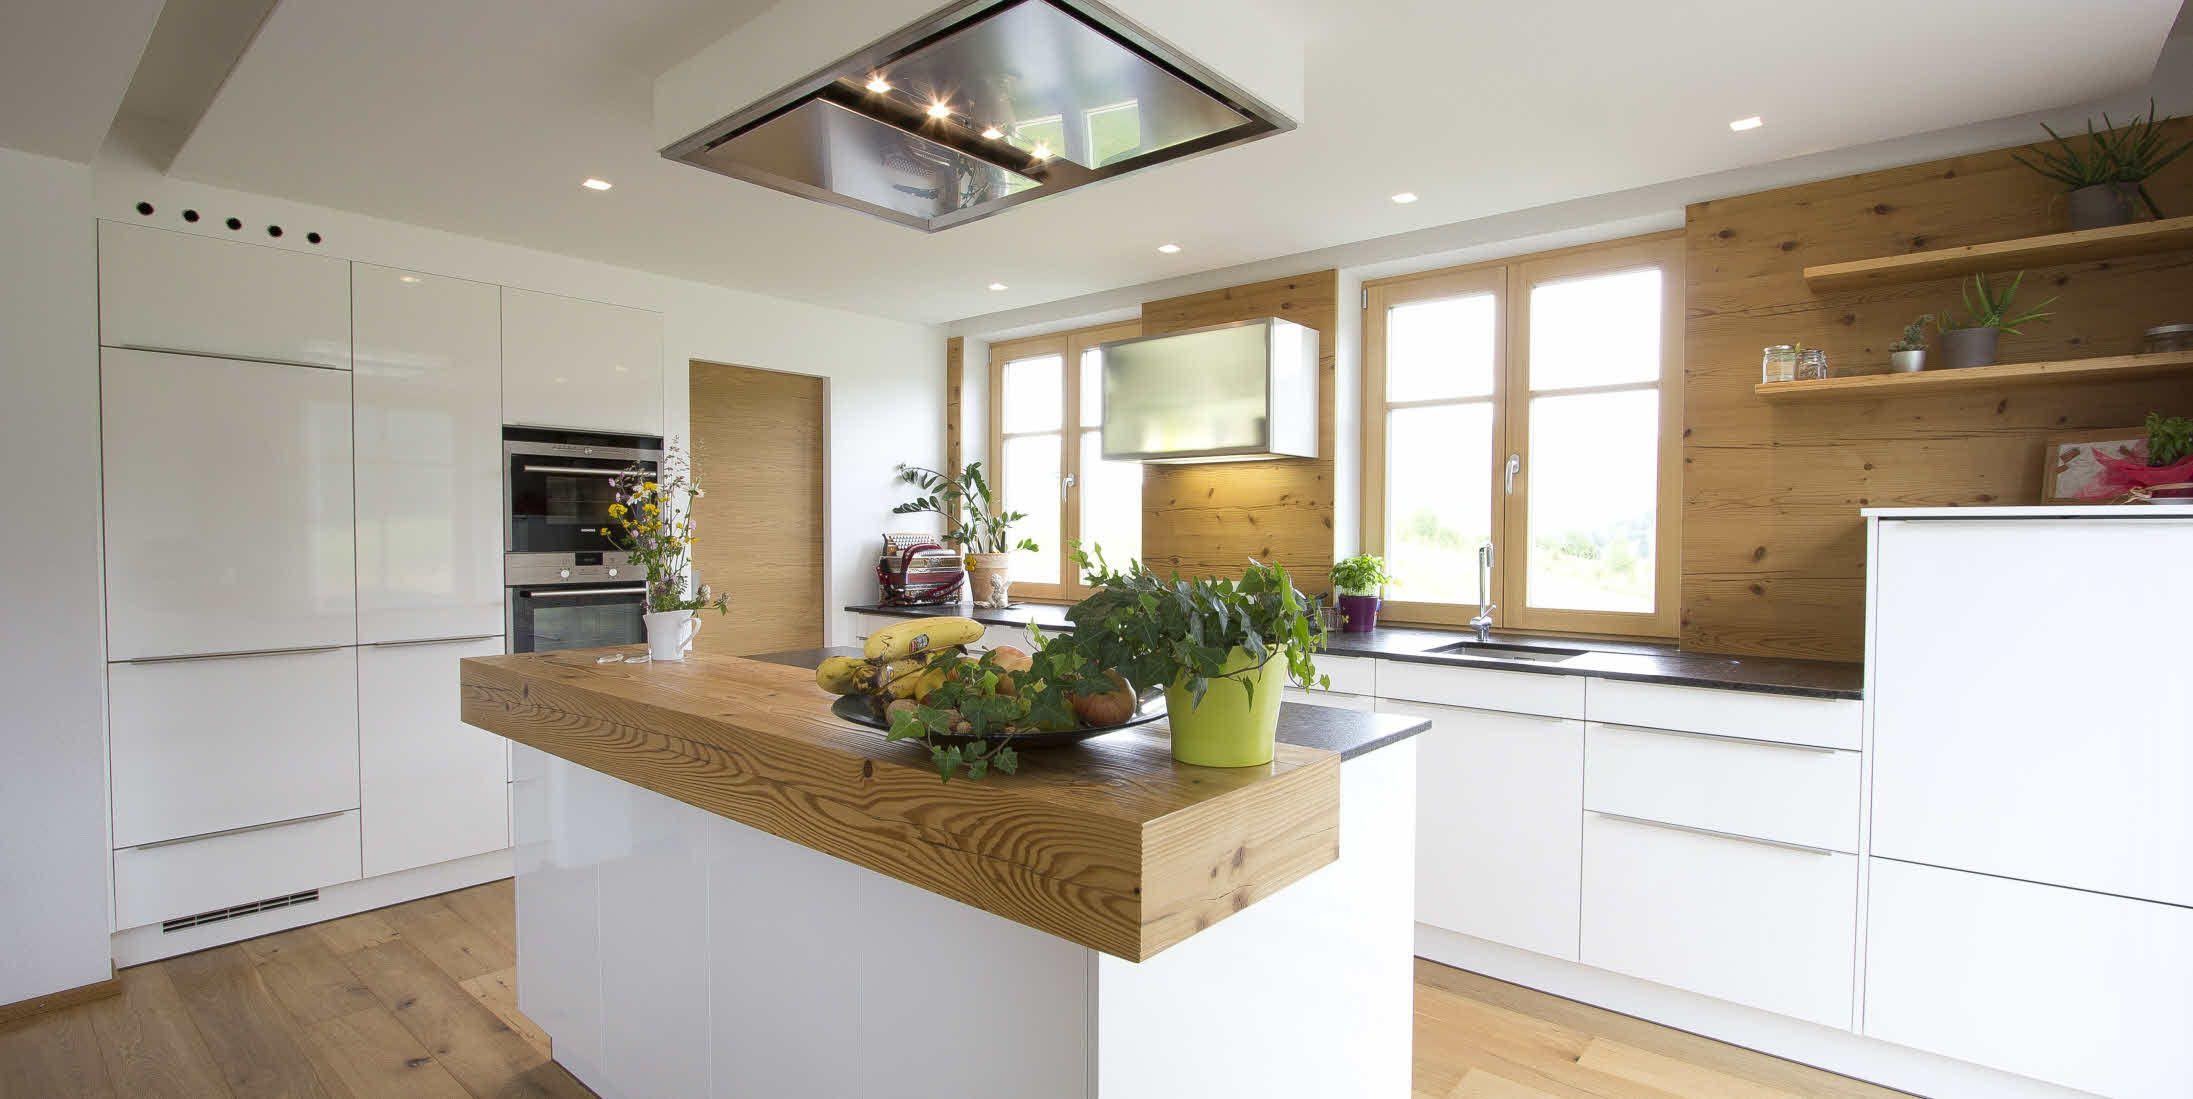 Schön Weiße, Zeitlose Ewe Küche (c) Küchenstudio Laserer